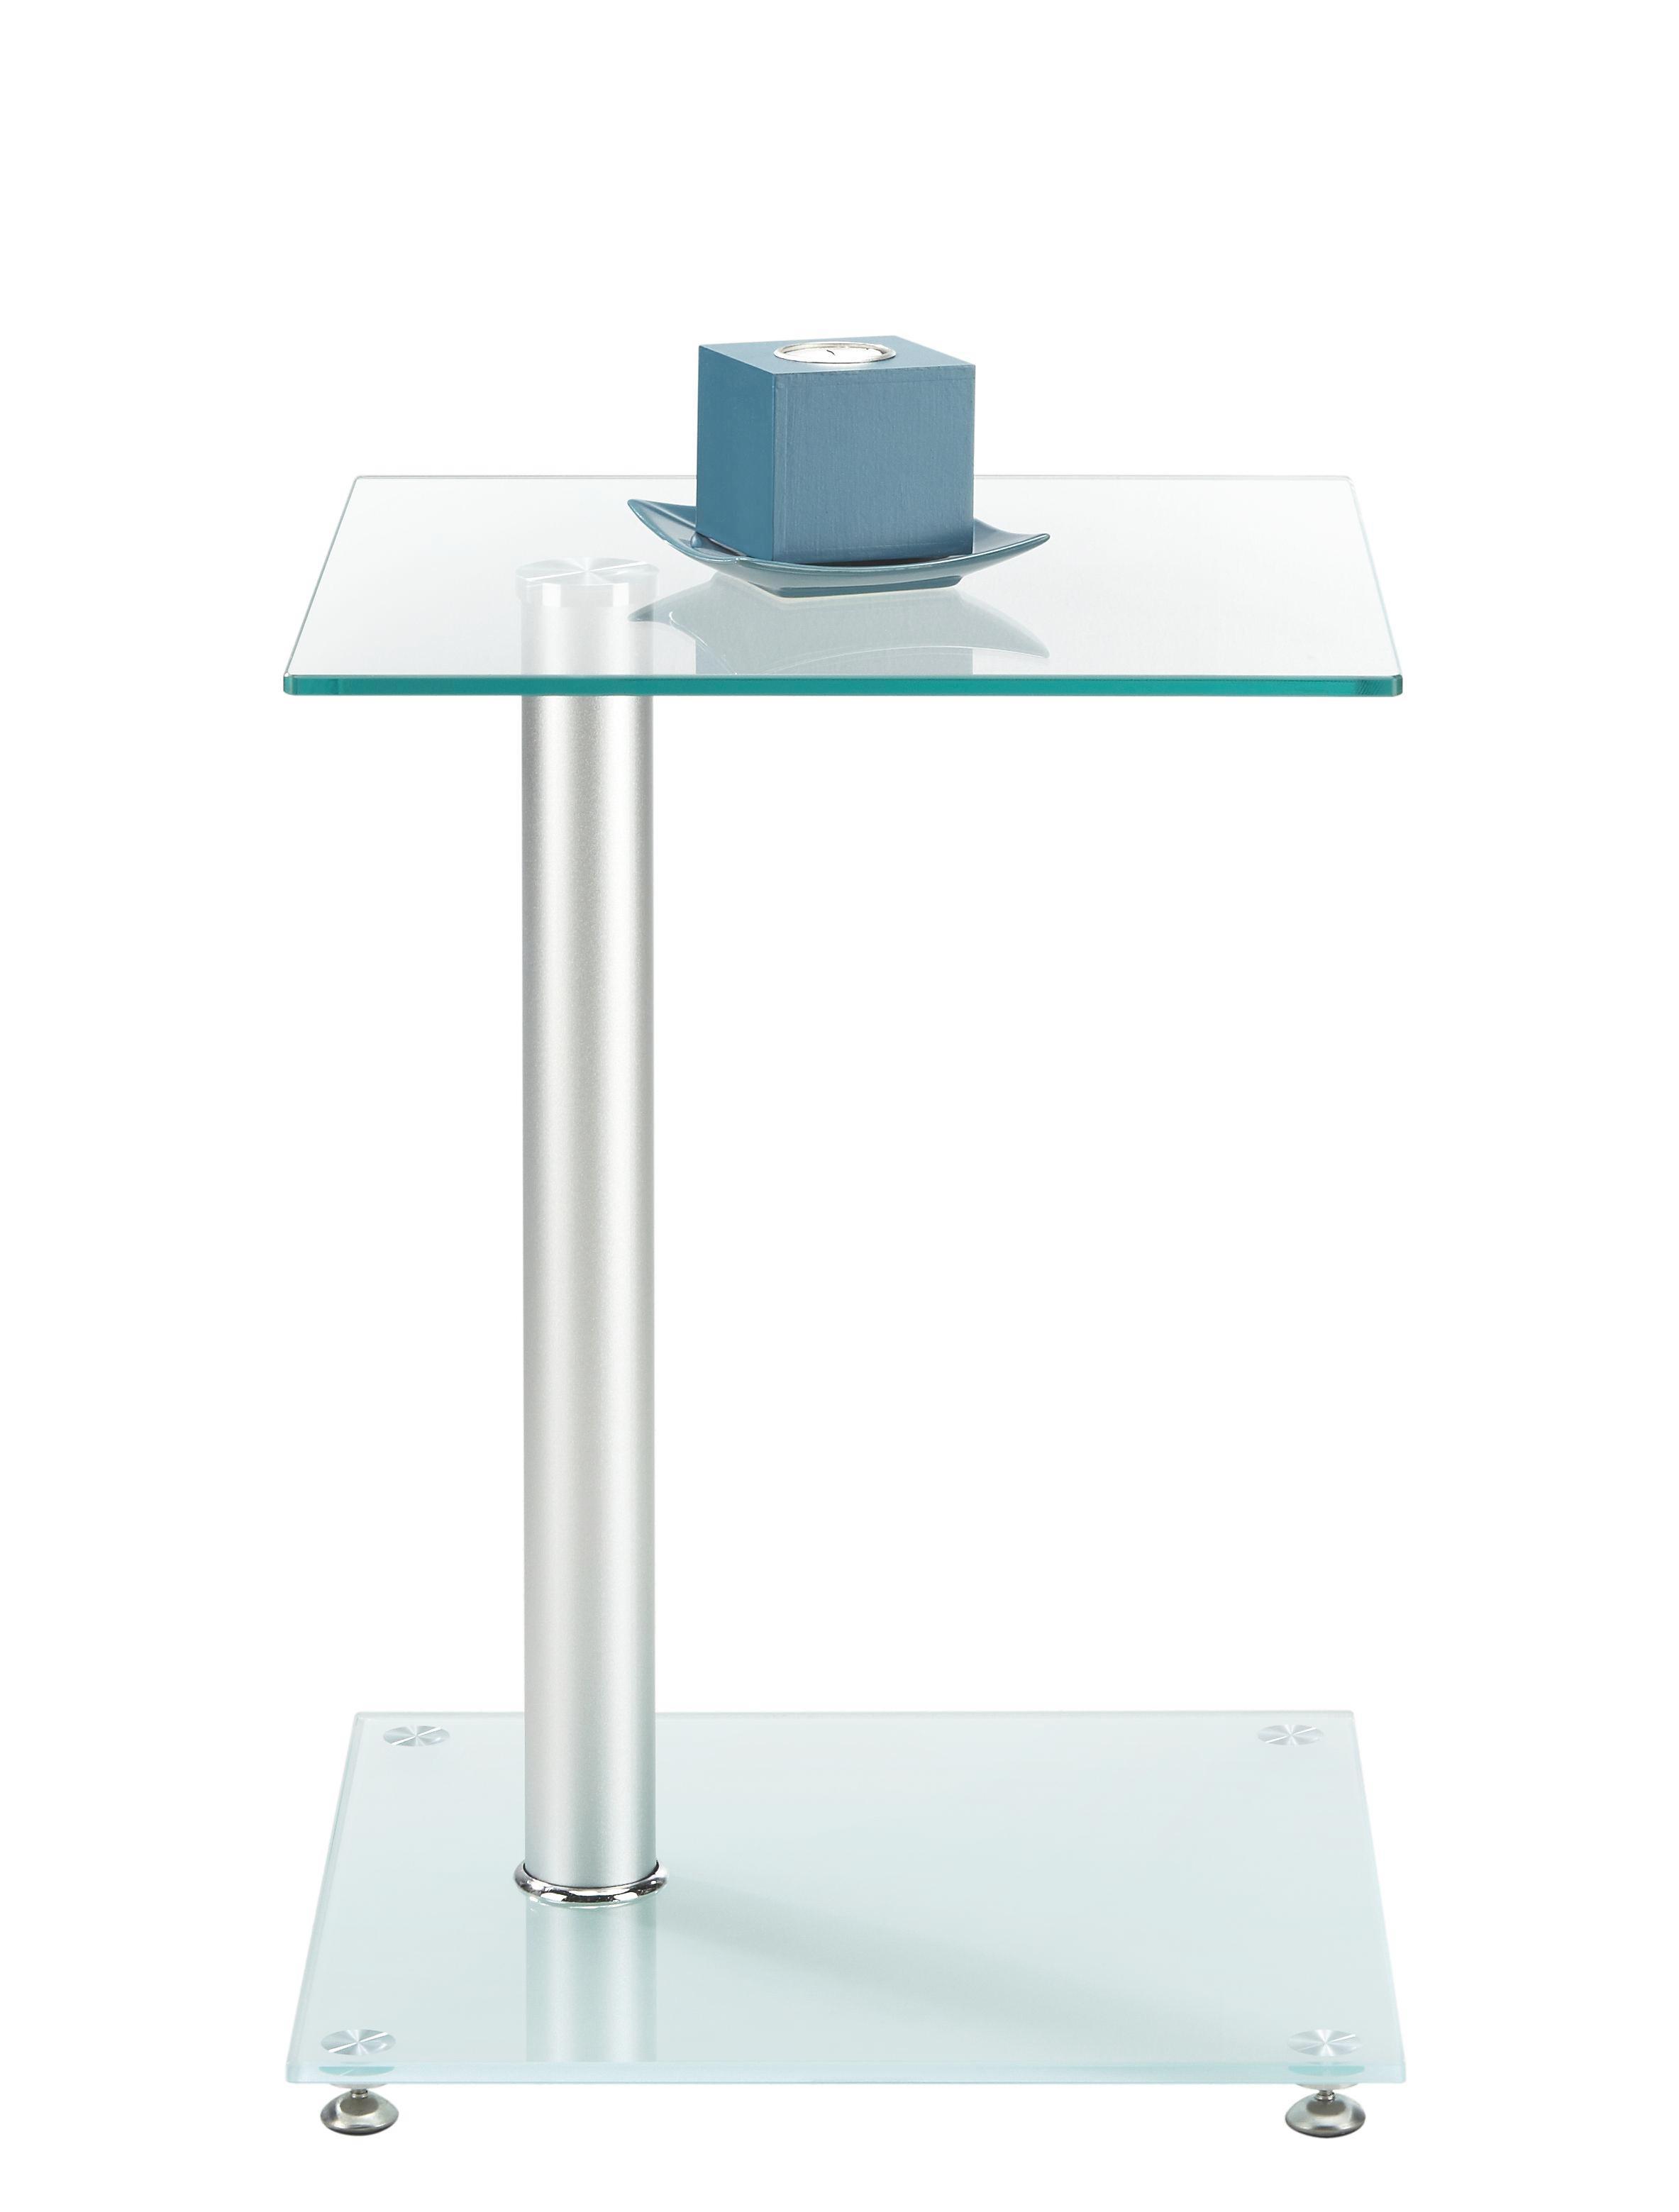 Beistelltisch Aus  Sicherheitsmilchglas - LIFESTYLE, Glas/Metall (40/52/40cm) - MÖMAX modern living